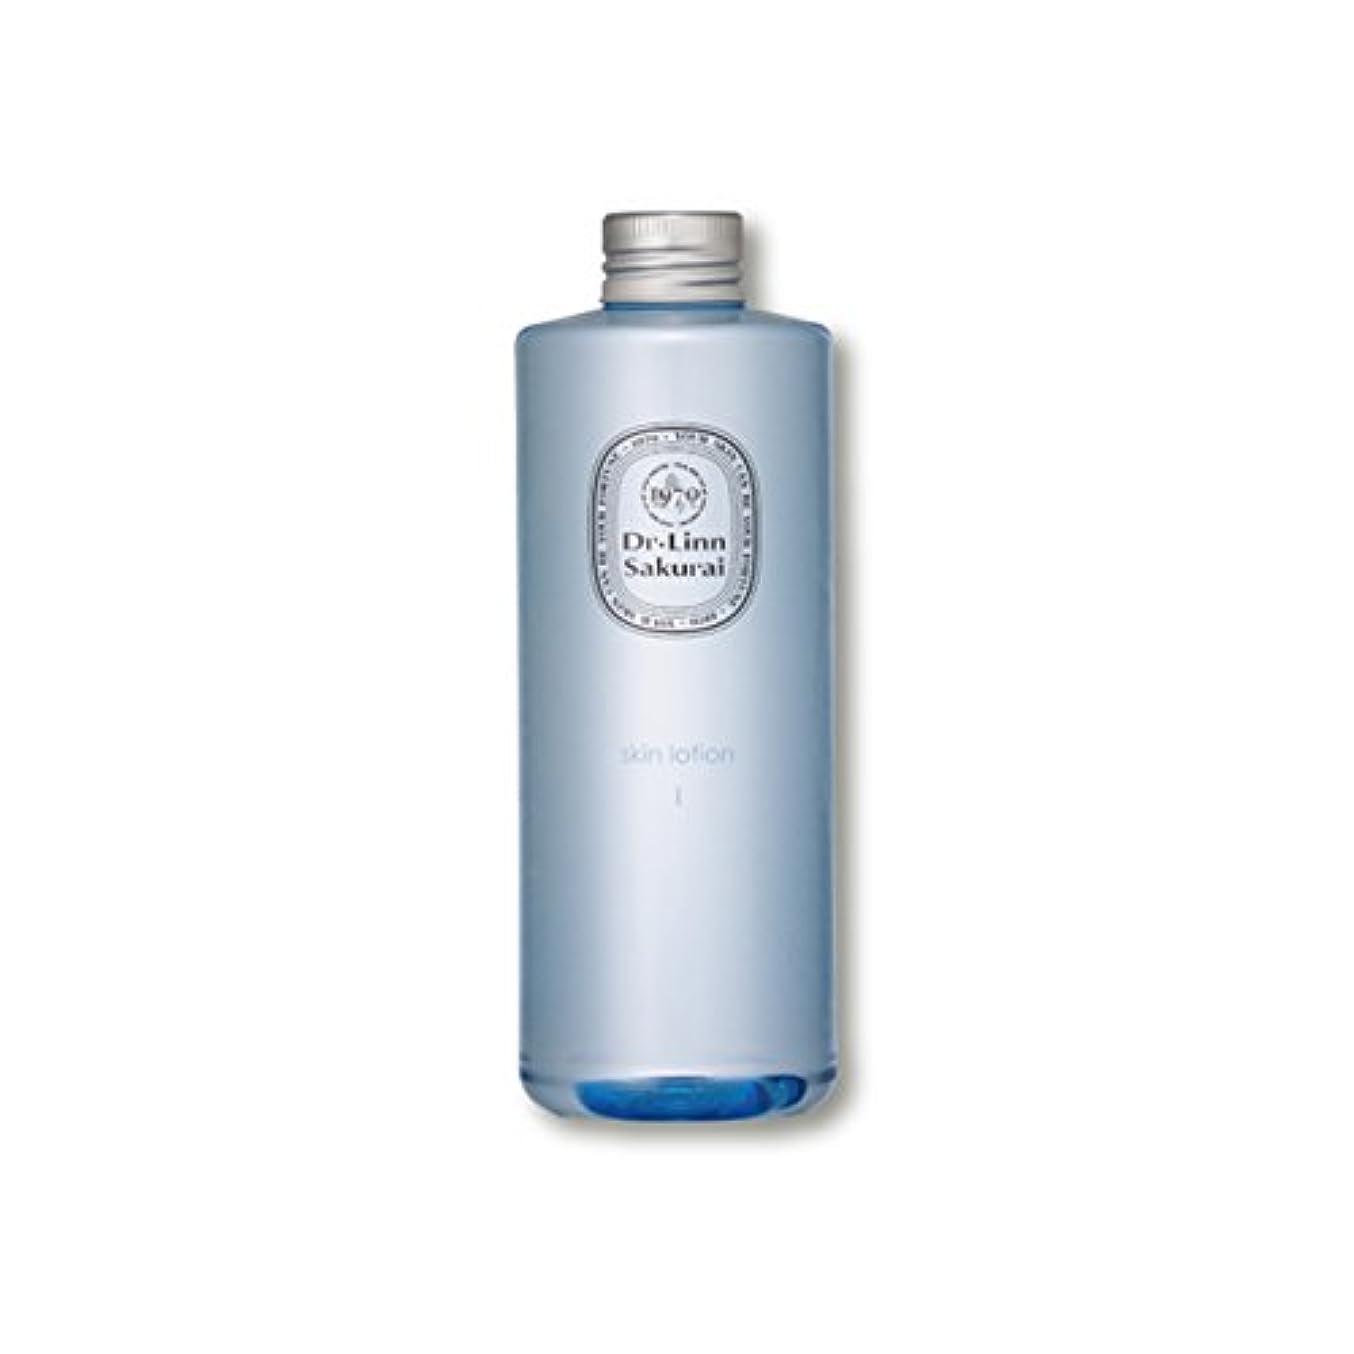 不快ごみ地域のドクターリンサクライ スキンローションI さっぱりタイプ 300ml  (化粧水)